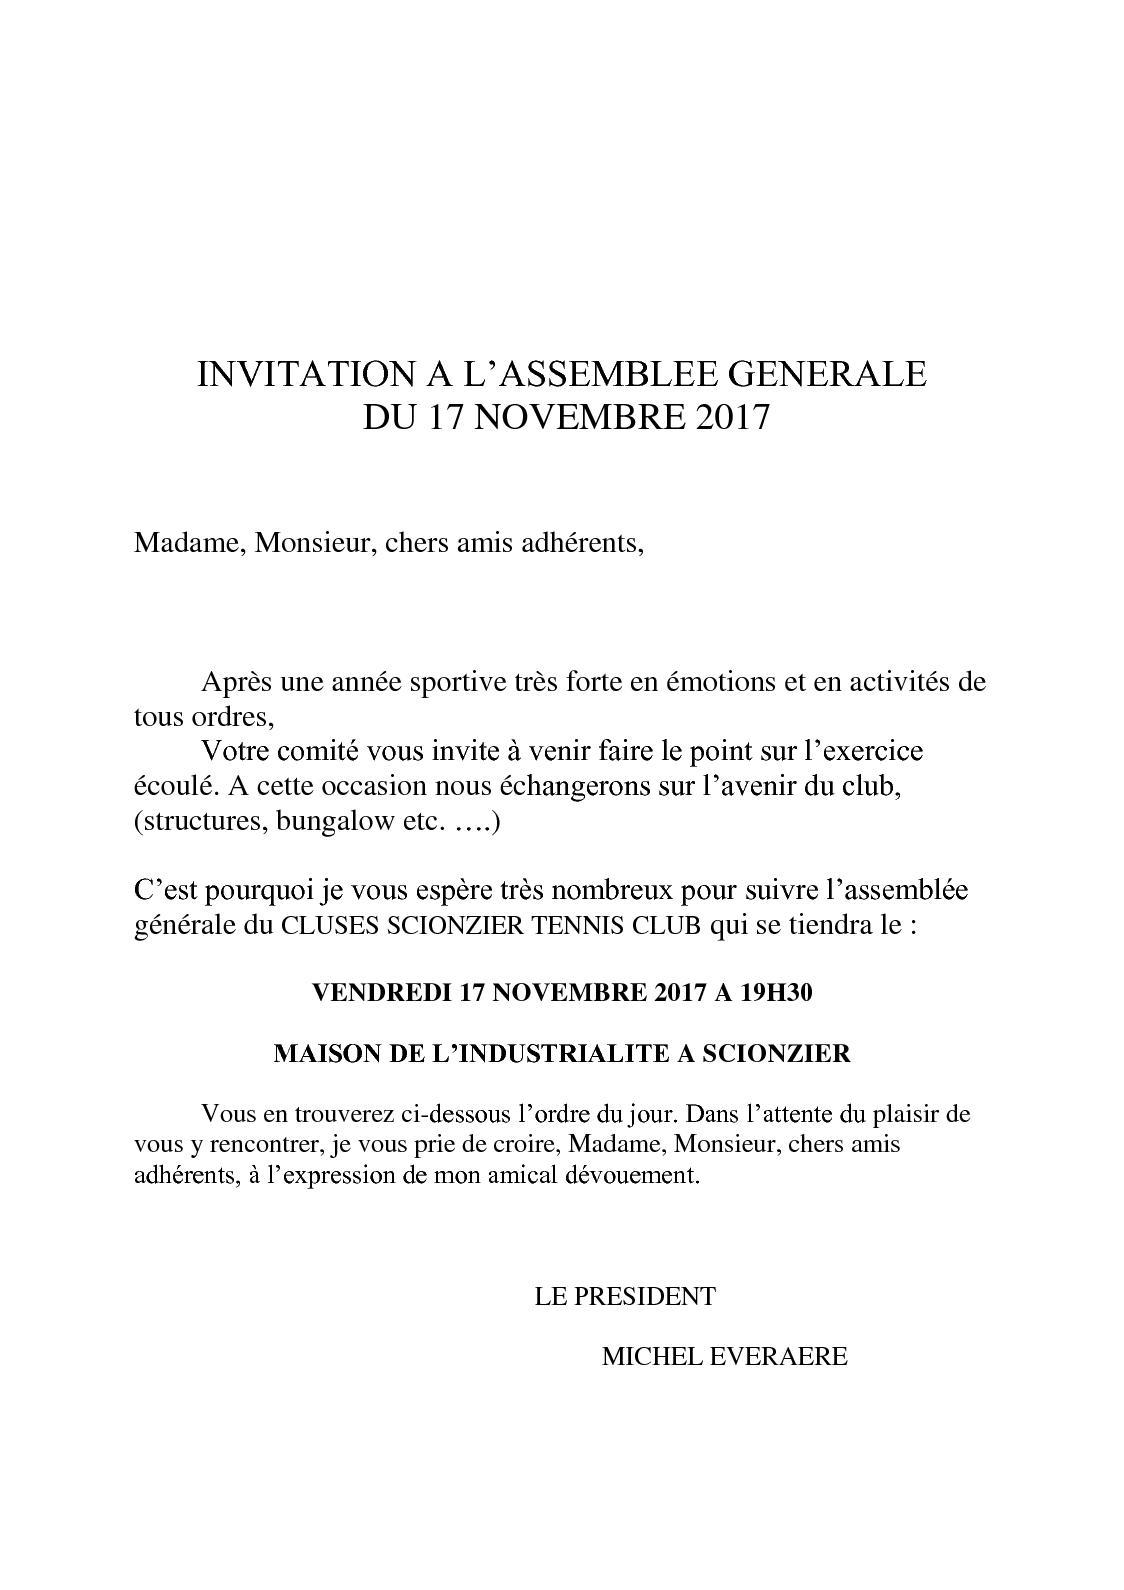 Calameo Invitation Ag 2017